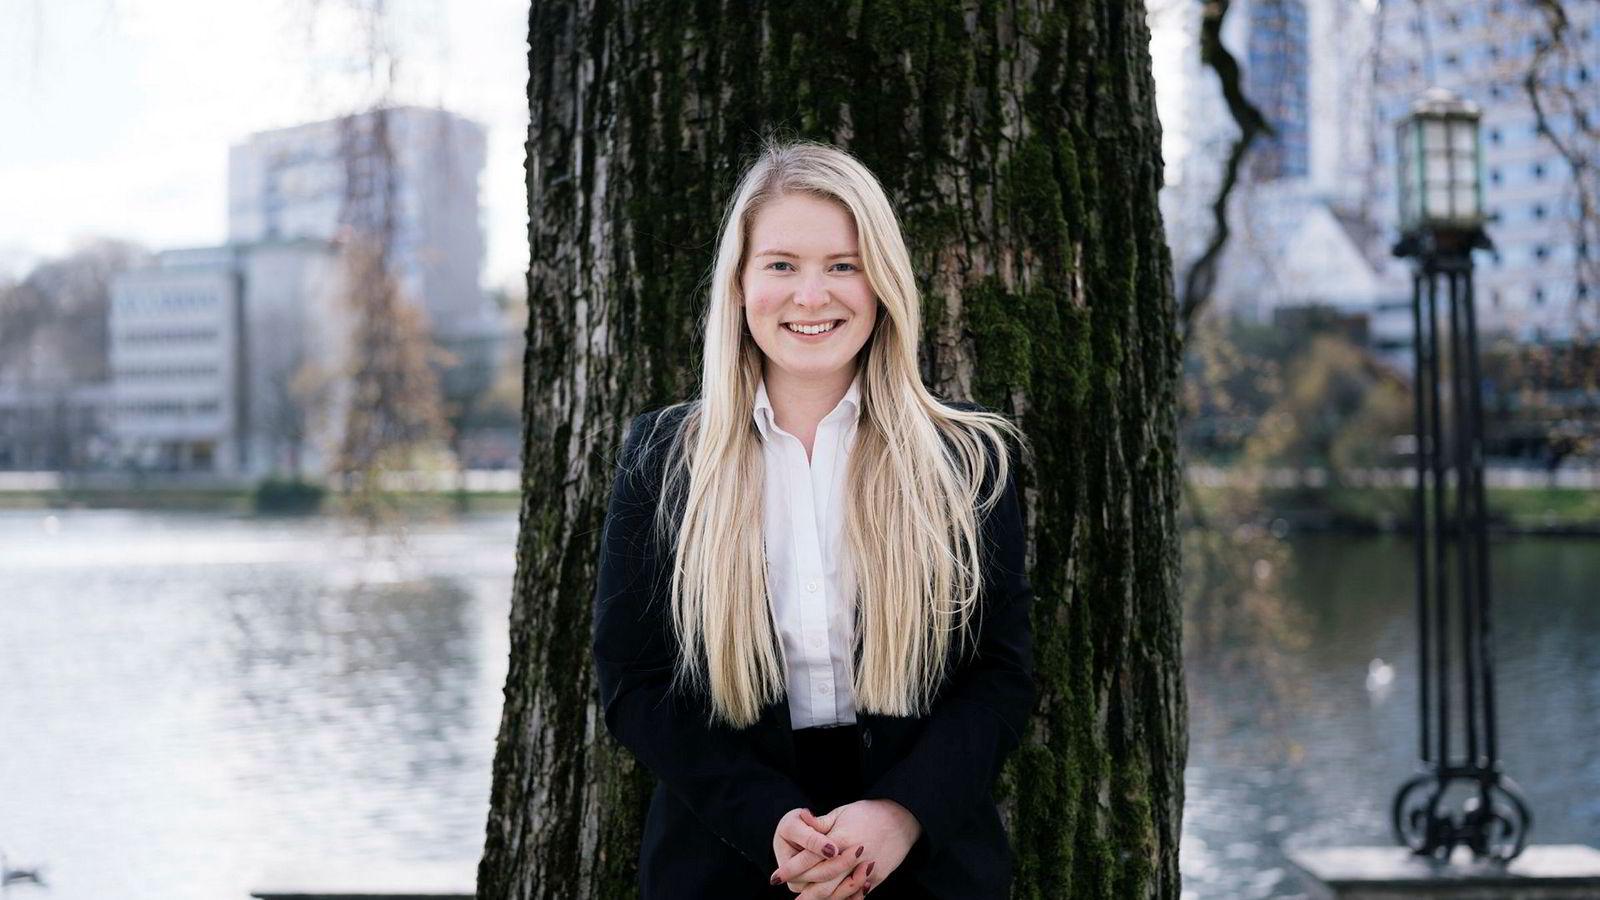 Emilie W. Frøyland jobber i Danske Bank i Oslo og er den yngste ansatte i ledergruppen noensinne. Hun fikk jobben til tross for manglende utdannelse. Her er hun fotografert i Stavanger i påskeferien.